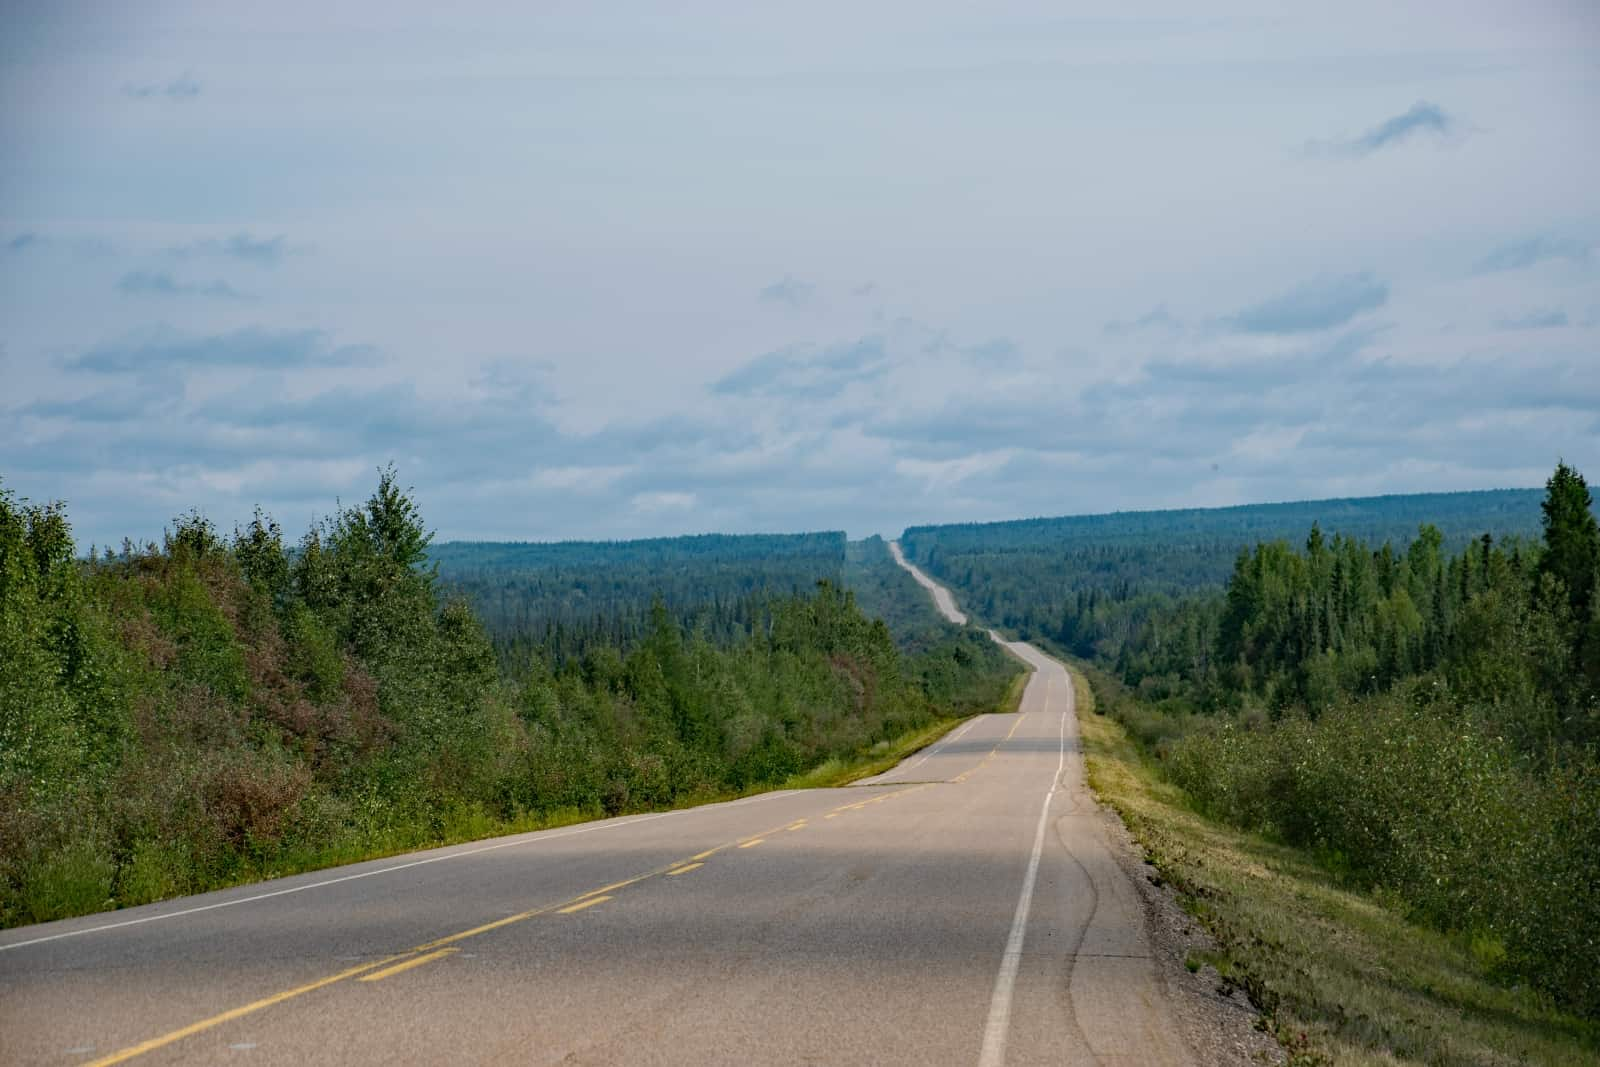 Auf dem Weg von Fort Nelson nach Yellowknife erwartet uns ein endlos erscheinender Highway. Foto Daniela Ganz